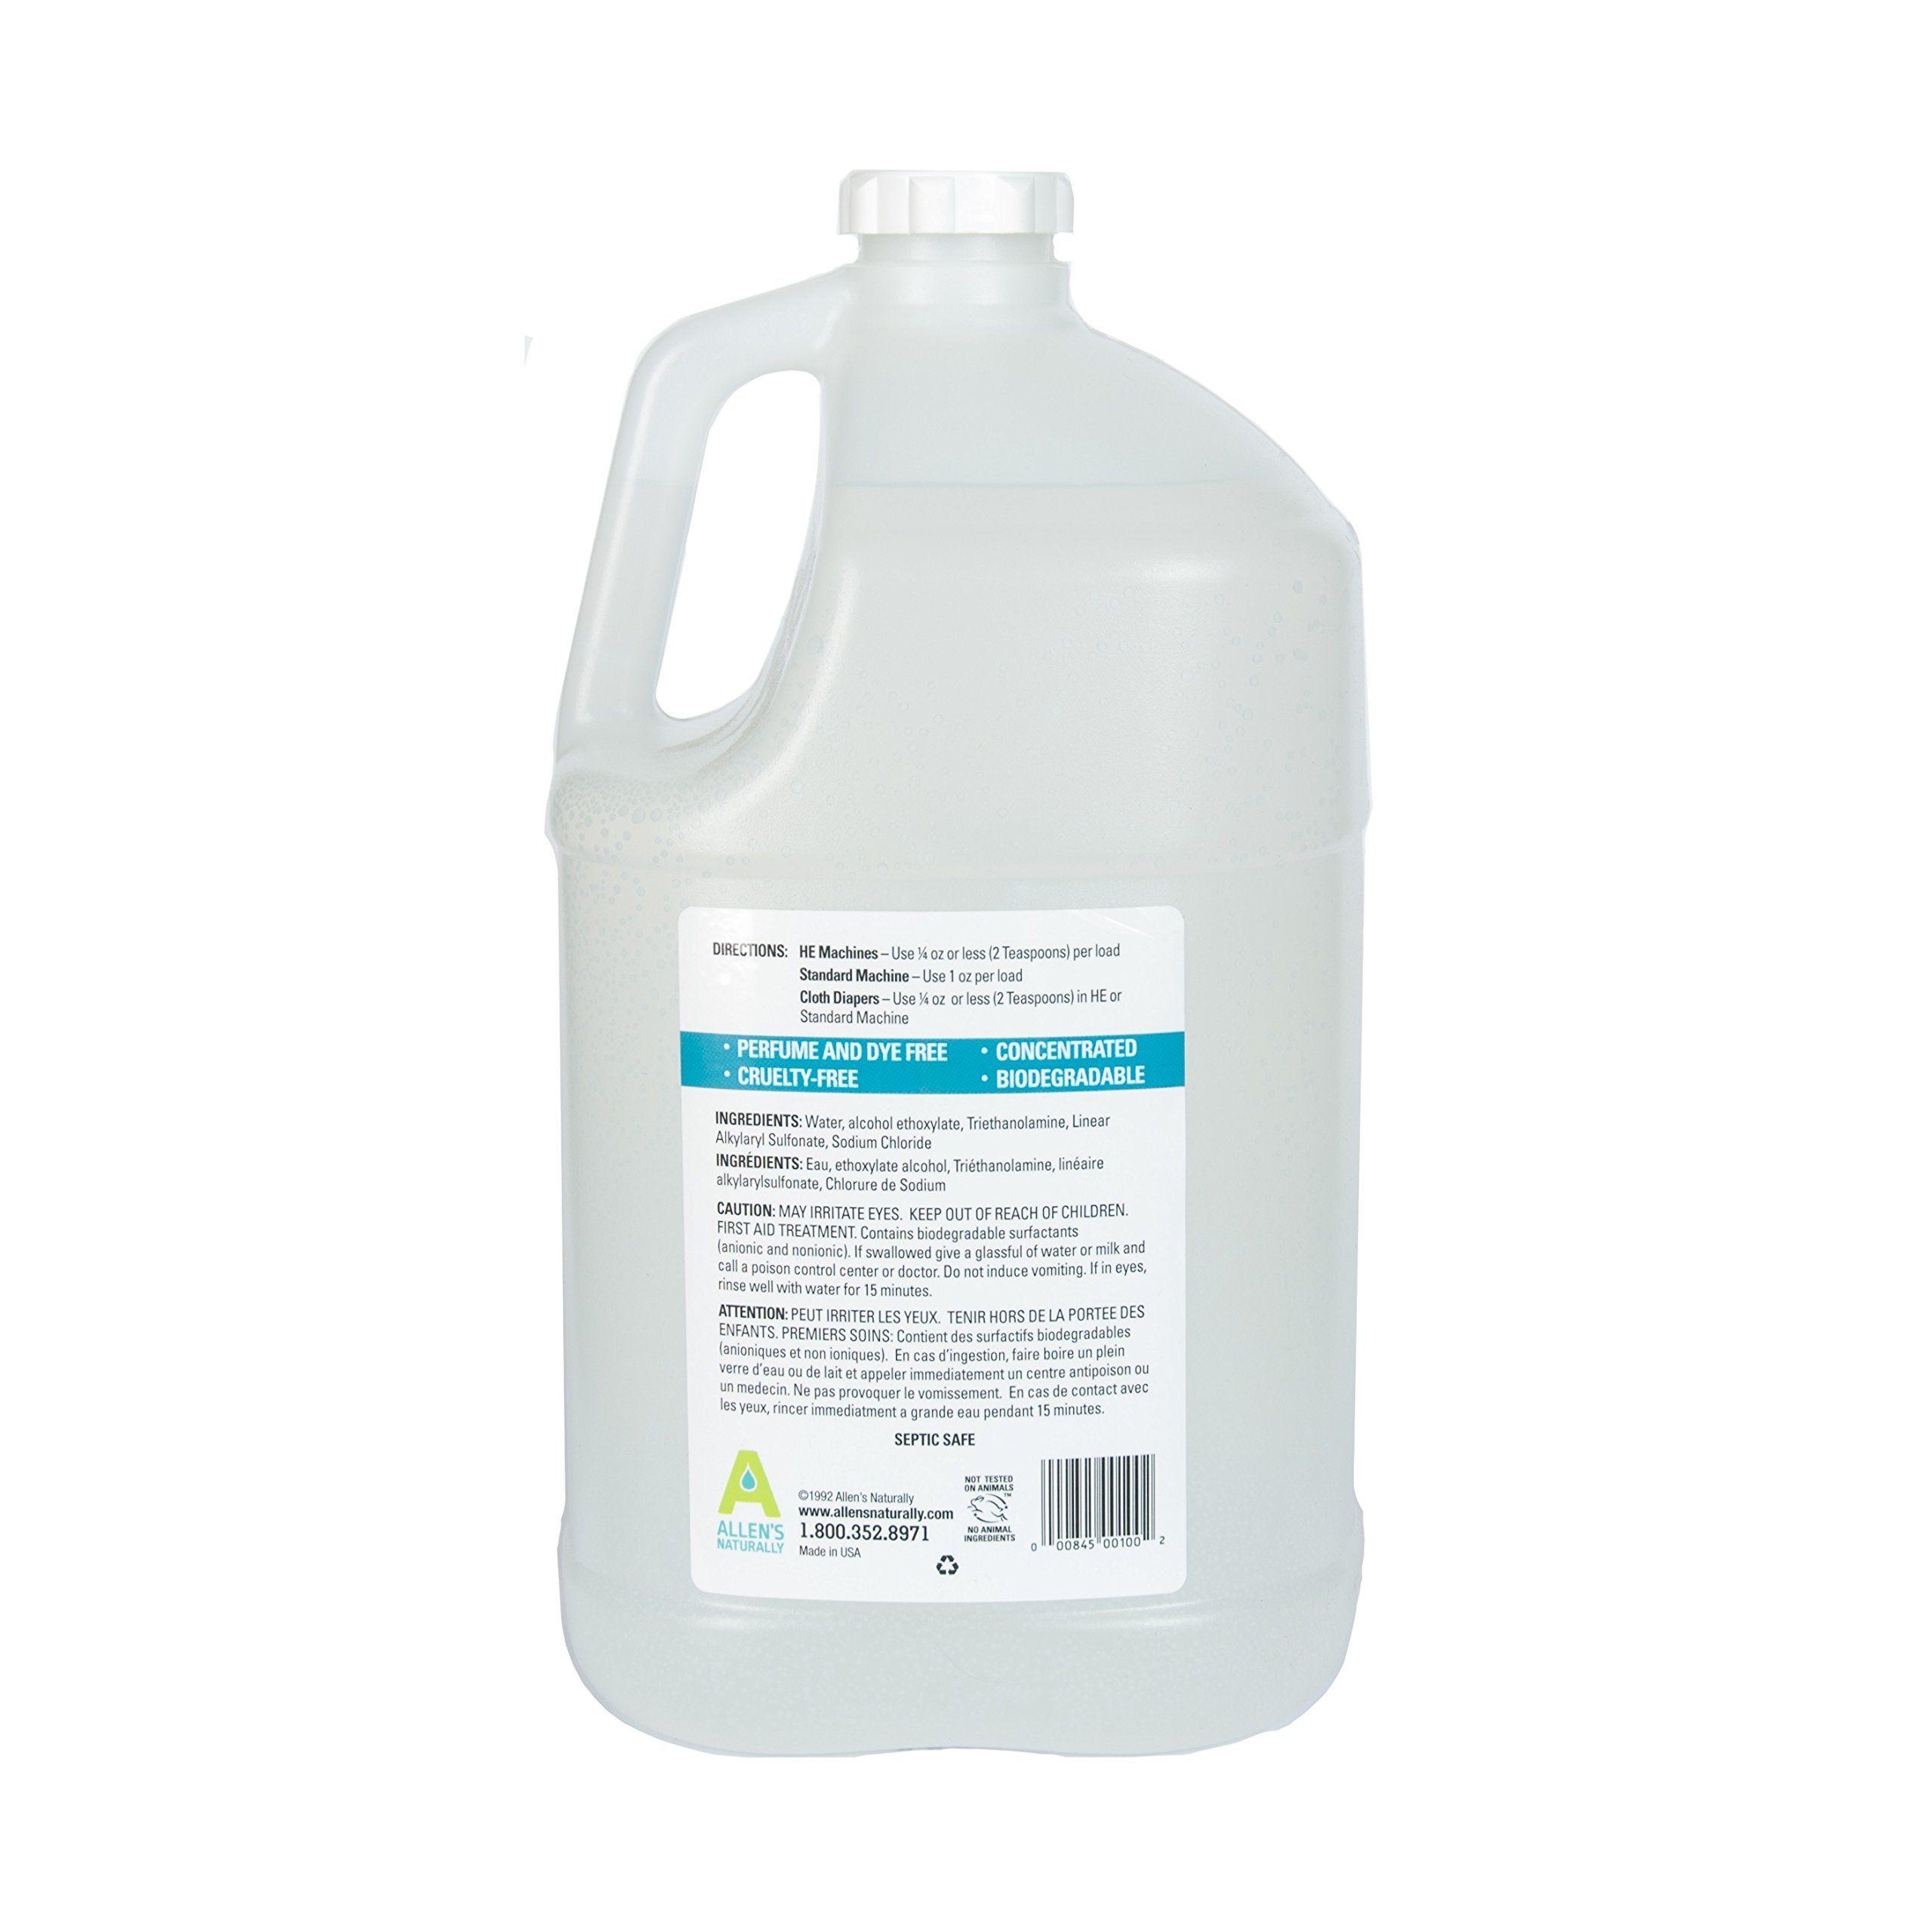 Allens Naturally Liquid Soap Laundry Detergent 1 Gallon 128 Fl Oz